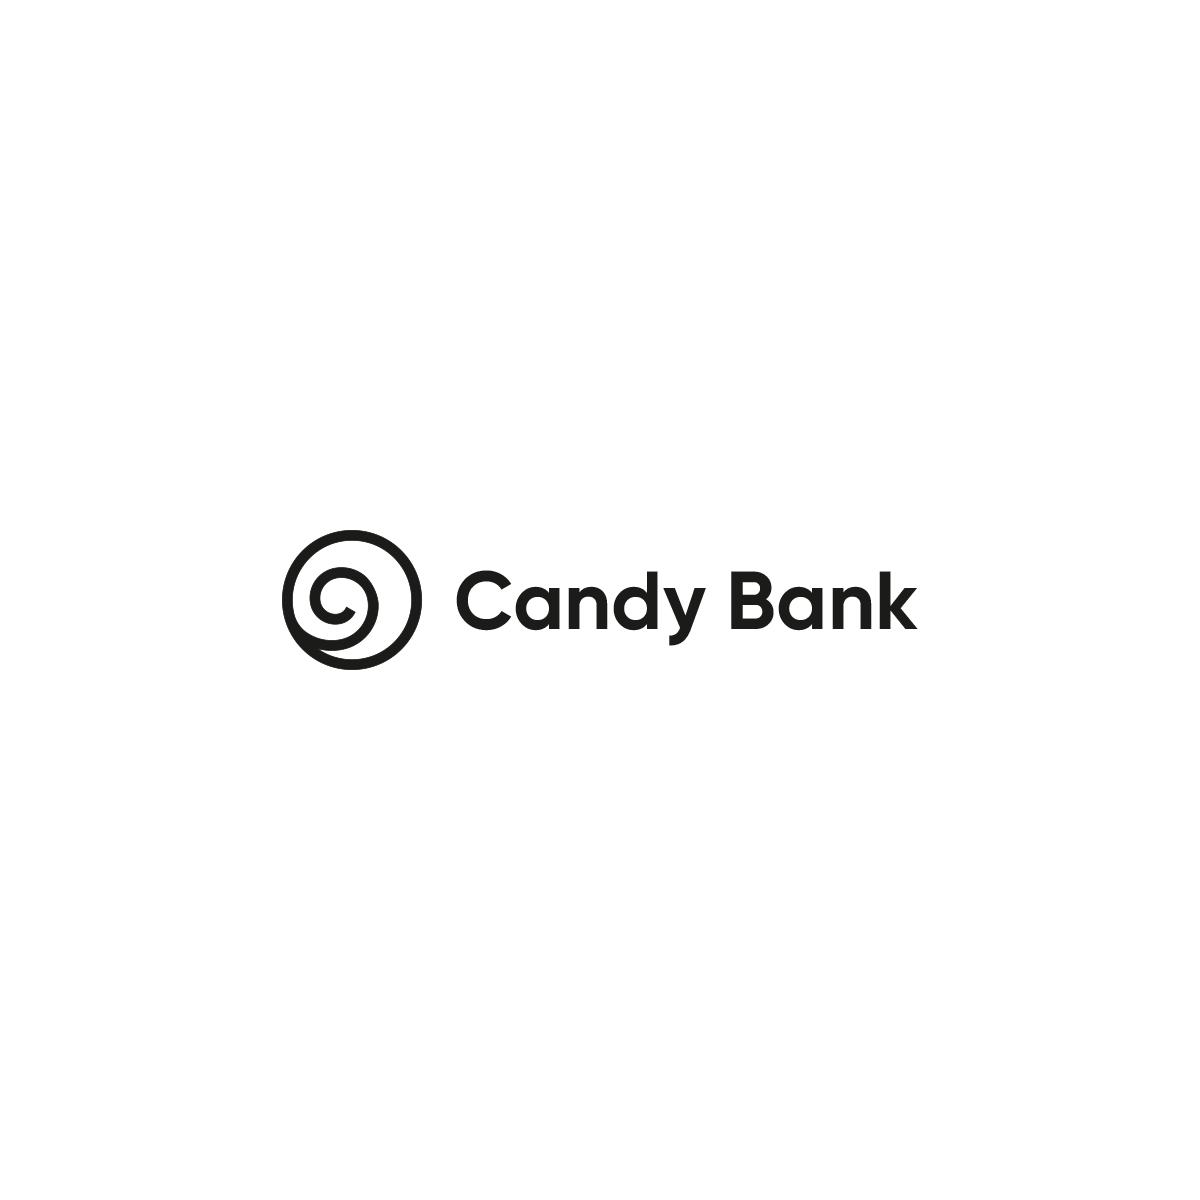 Логотип для международного банка фото f_2195d71cb3915563.png